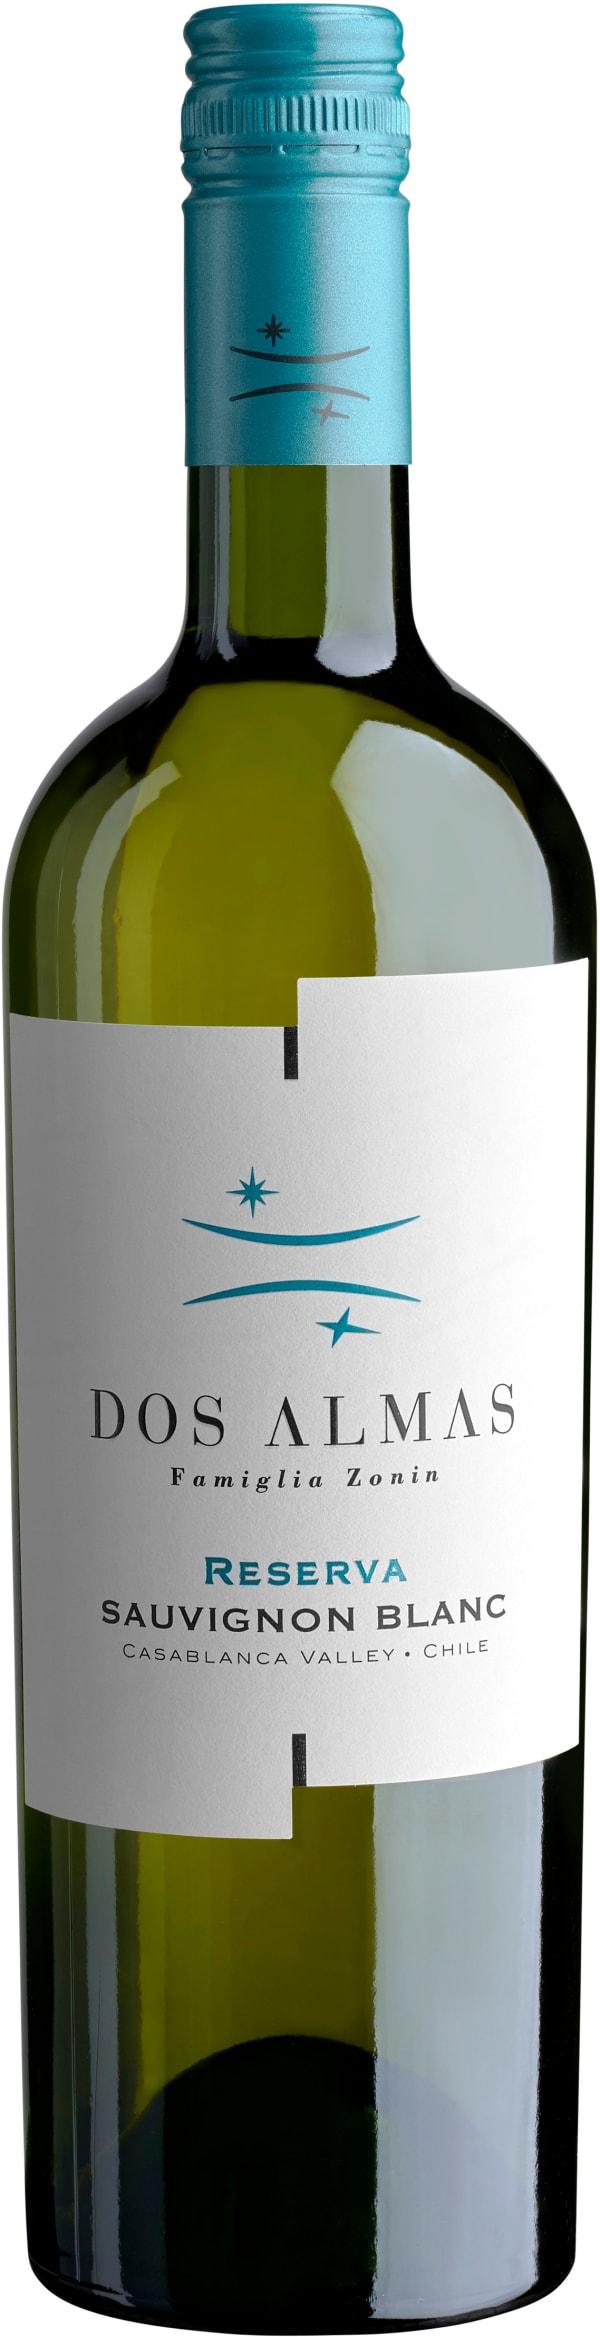 Dos Almas Sauvignon Blanc Reserva 2017